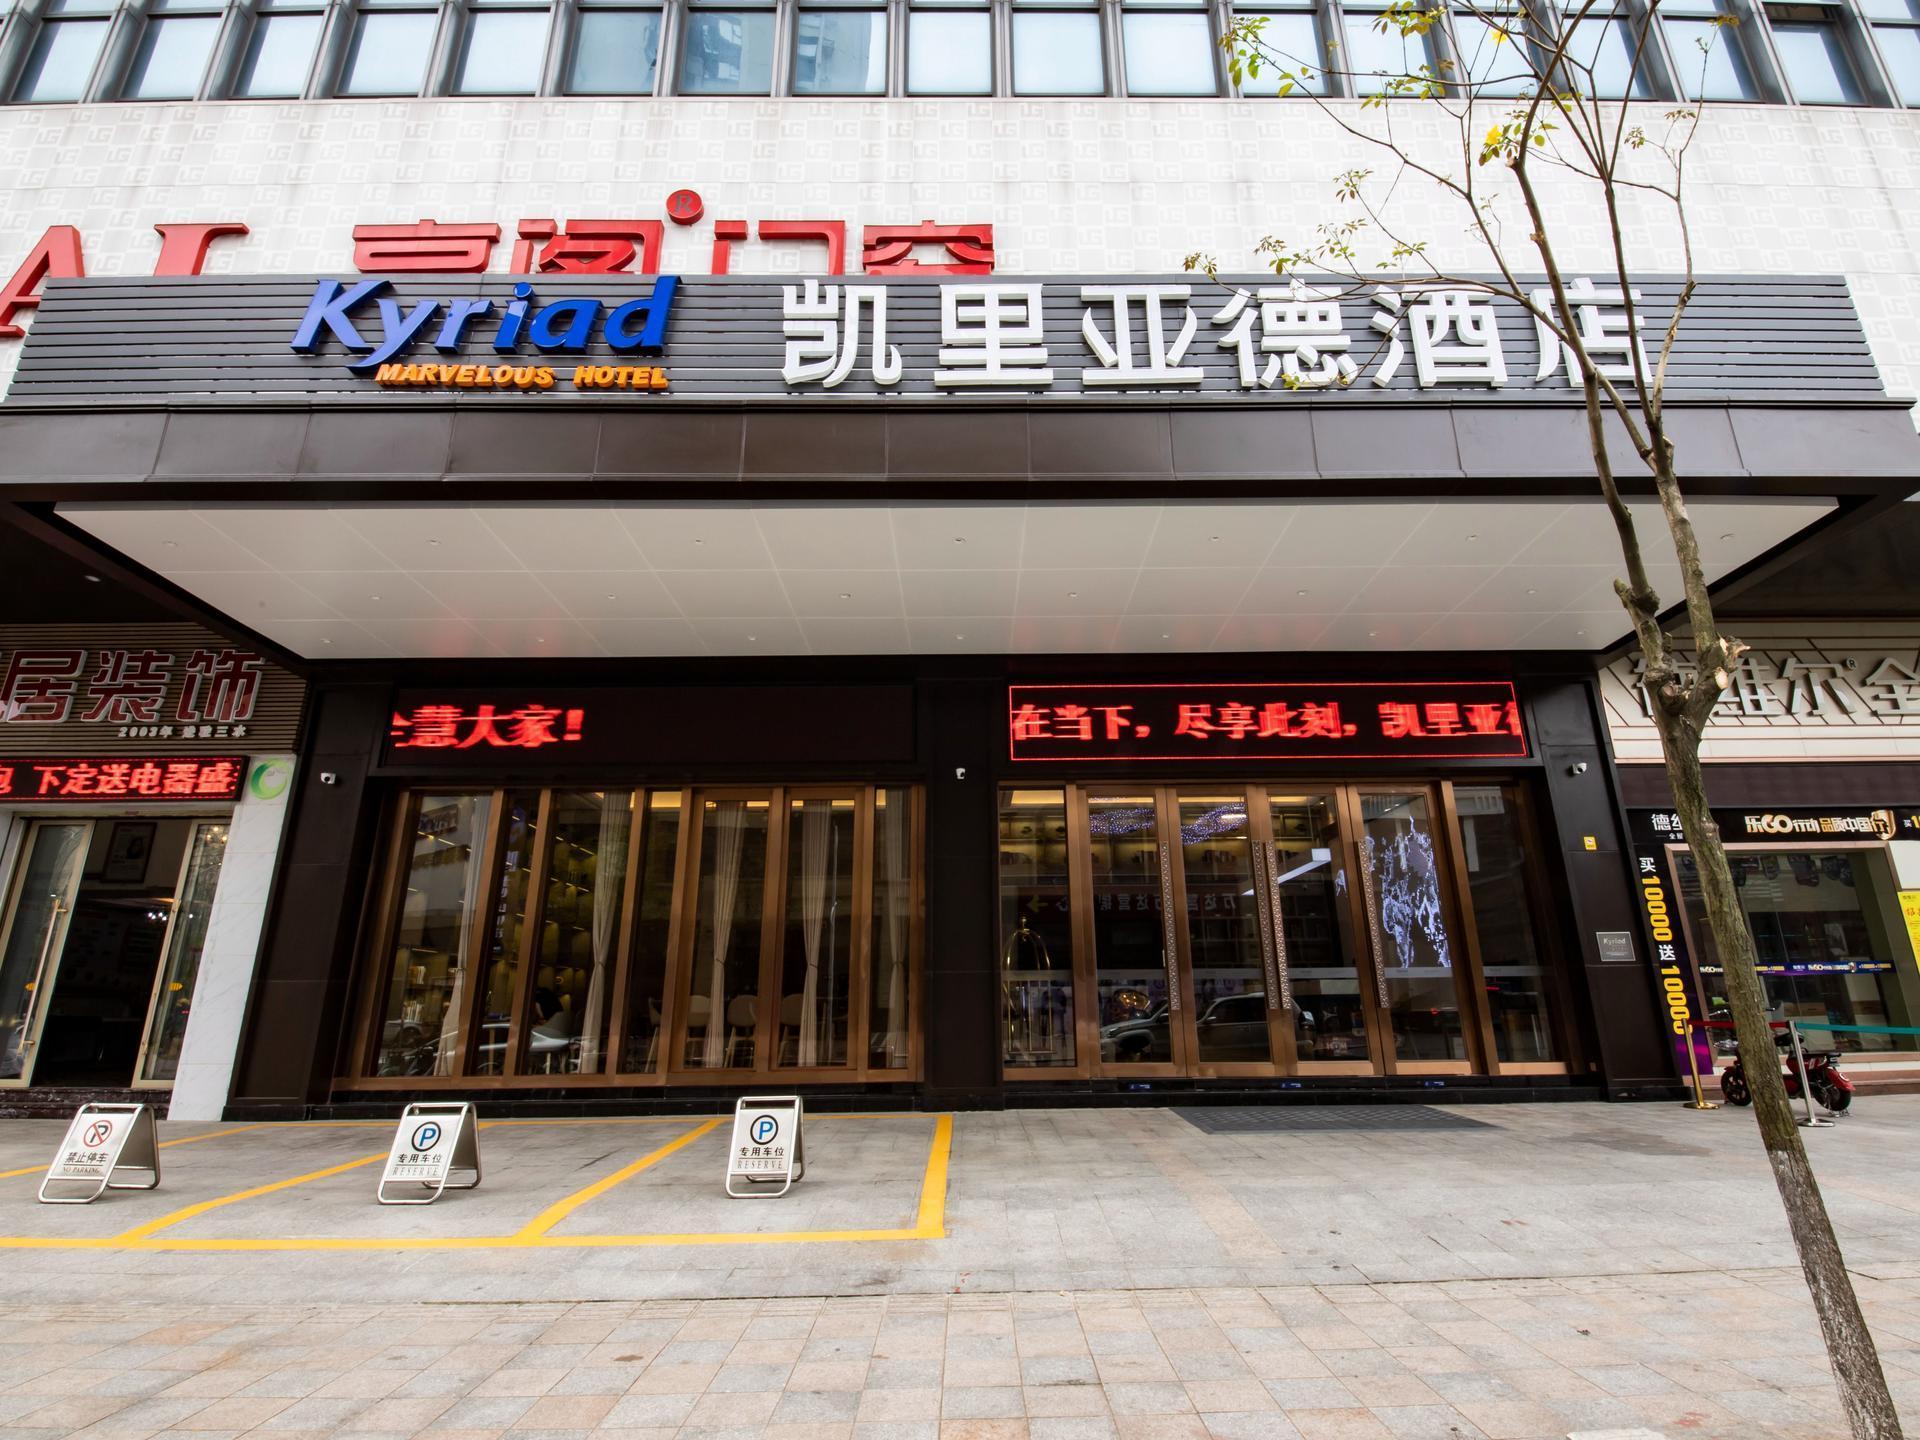 Kyriad Marvelous Hotel�Foushan Sanshui Wanda Plaza